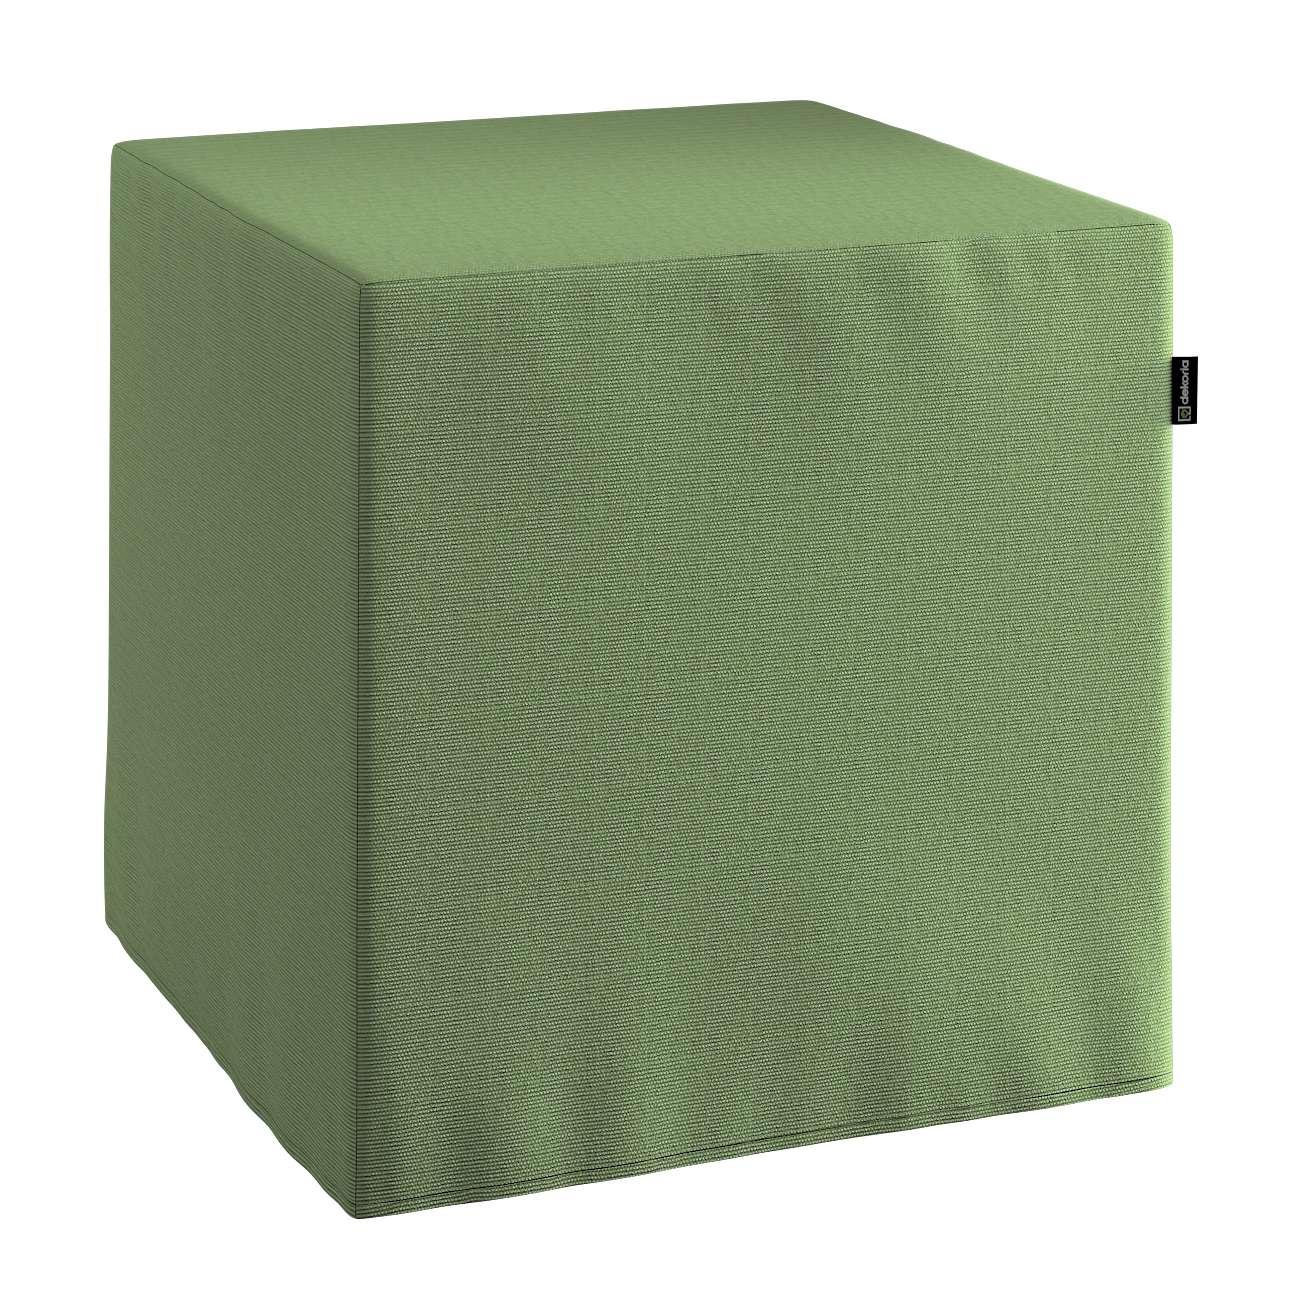 Taburetka tvrdá, kocka V kolekcii Jupiter, tkanina: 127-52